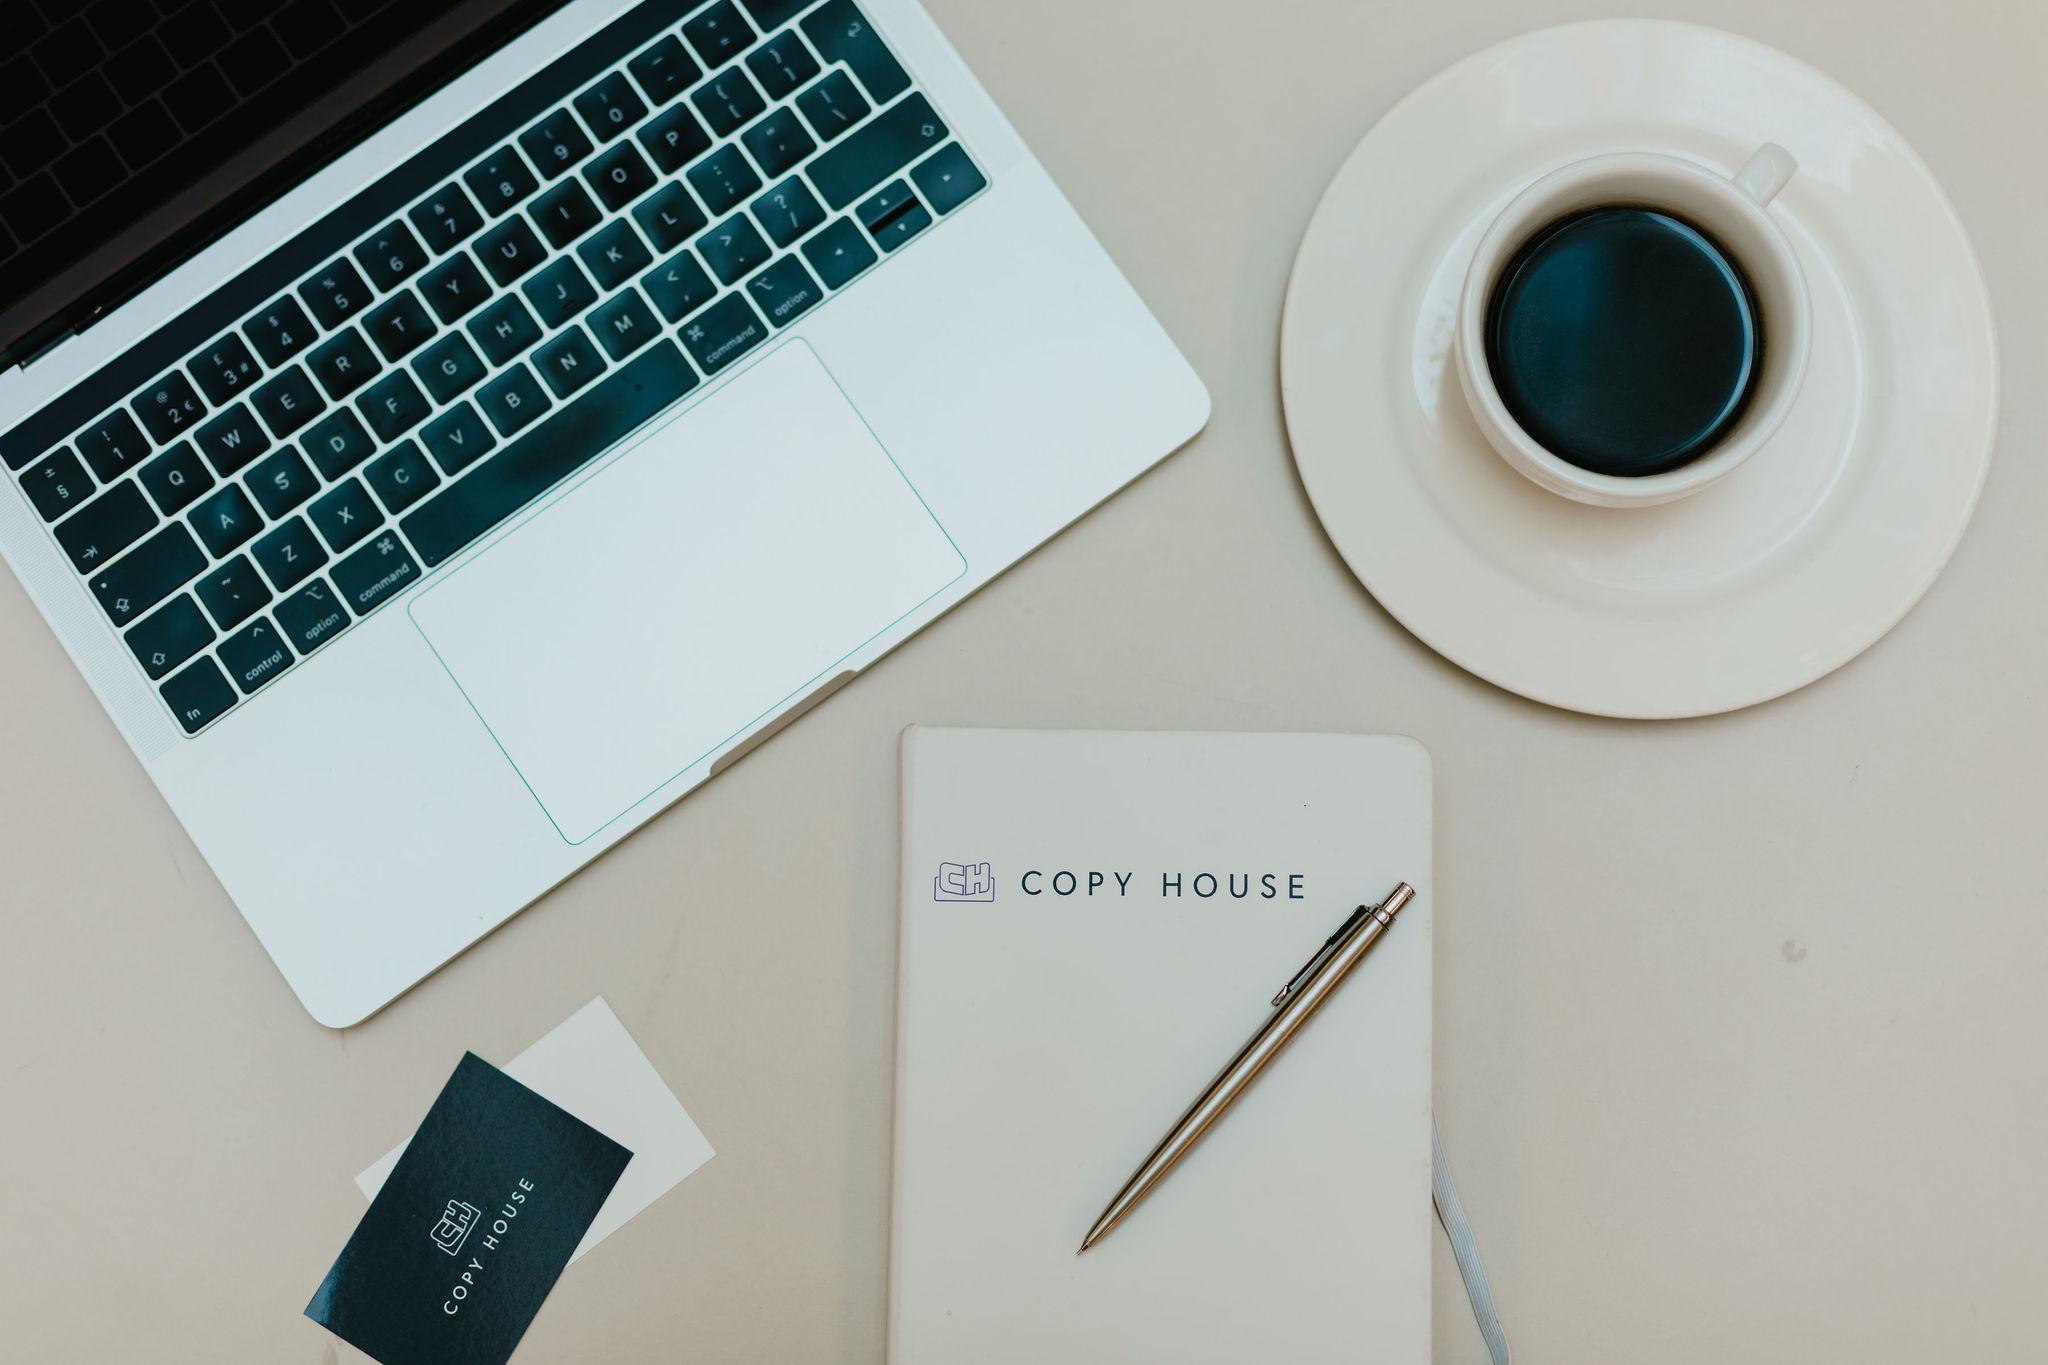 Copy House Ltd.background